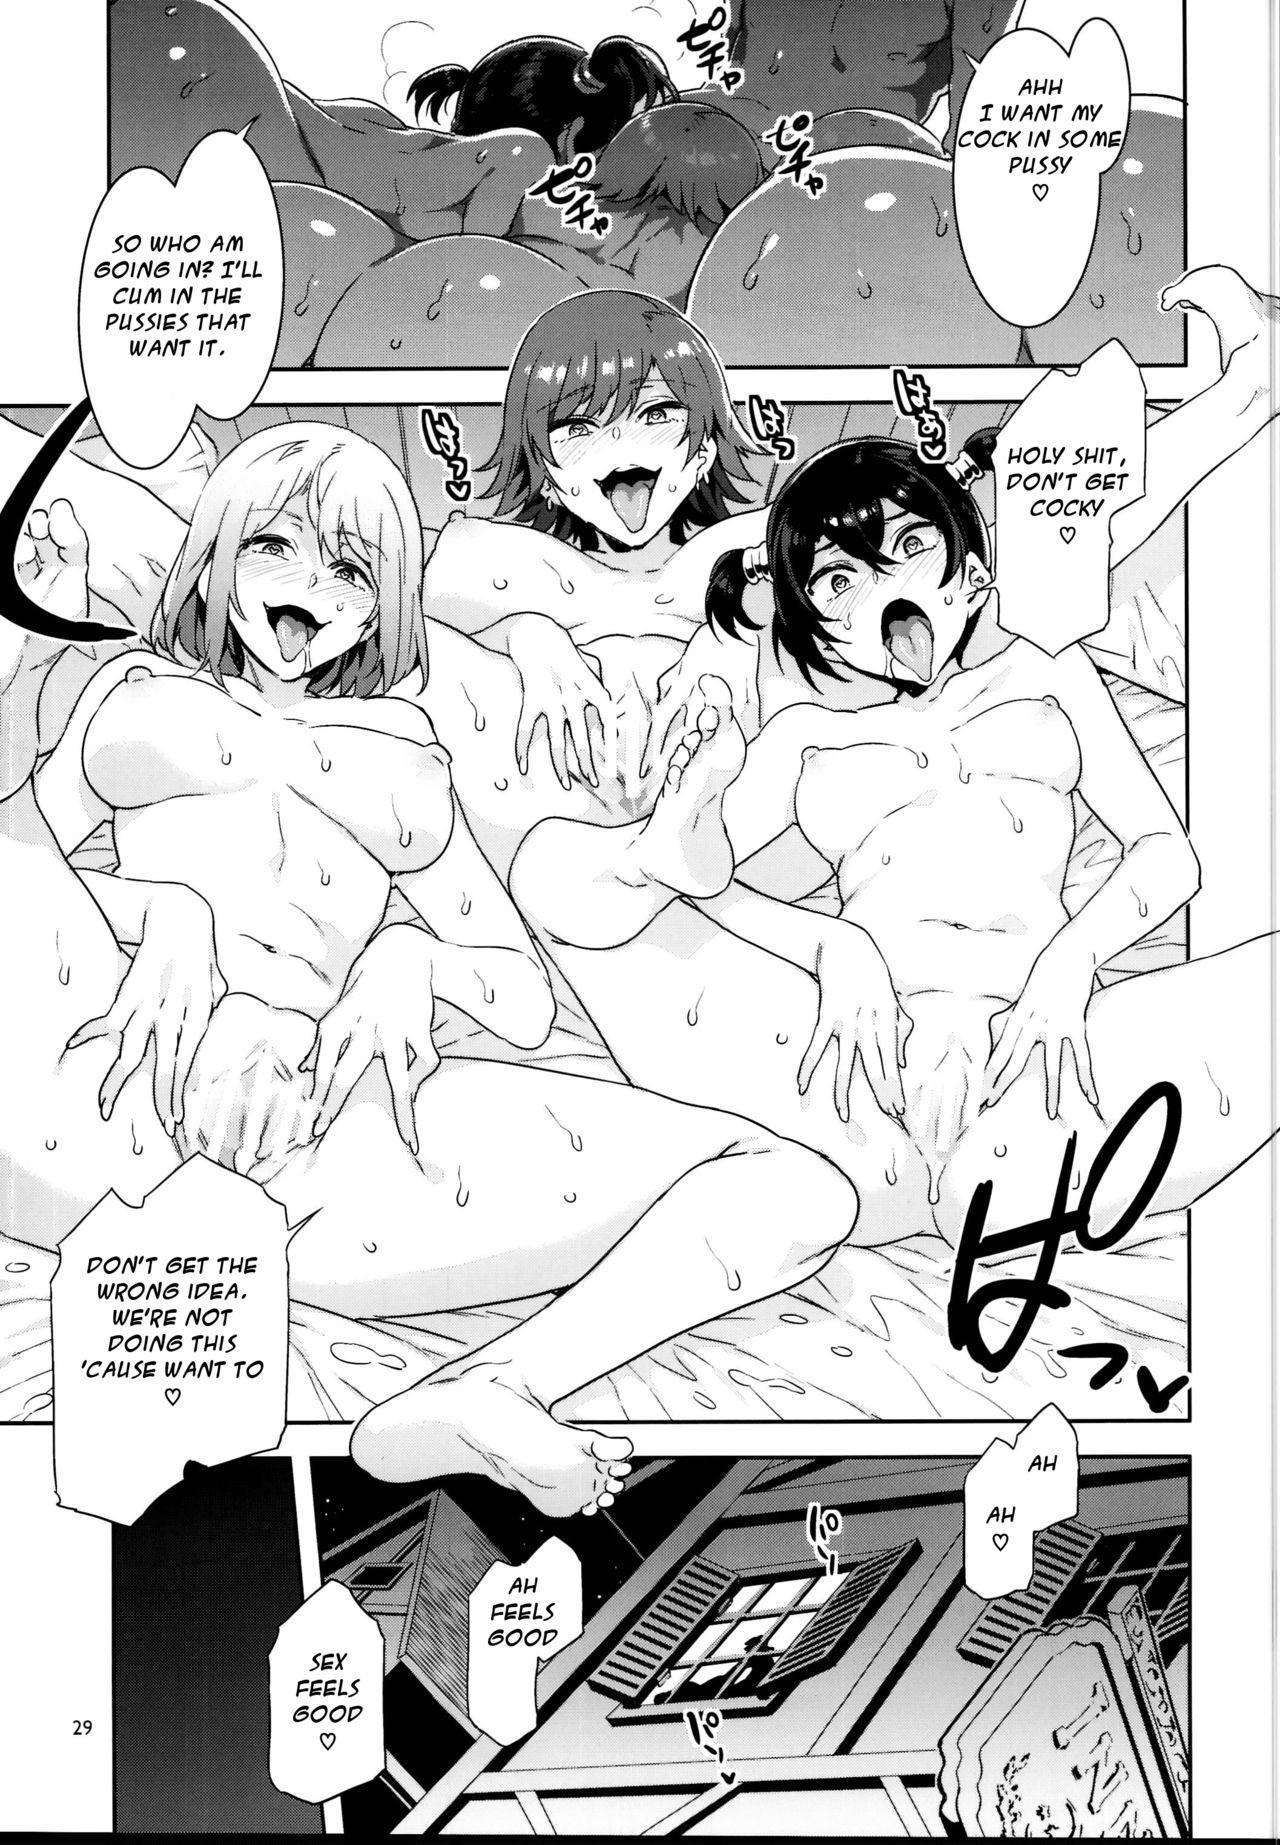 Seiyoku ni Shoujiki Sugiru Shota Yuusha   The boy hero who was too frank with his lust/Seiyoku ni Shoujiki Sugiru Shota Yuusha 28